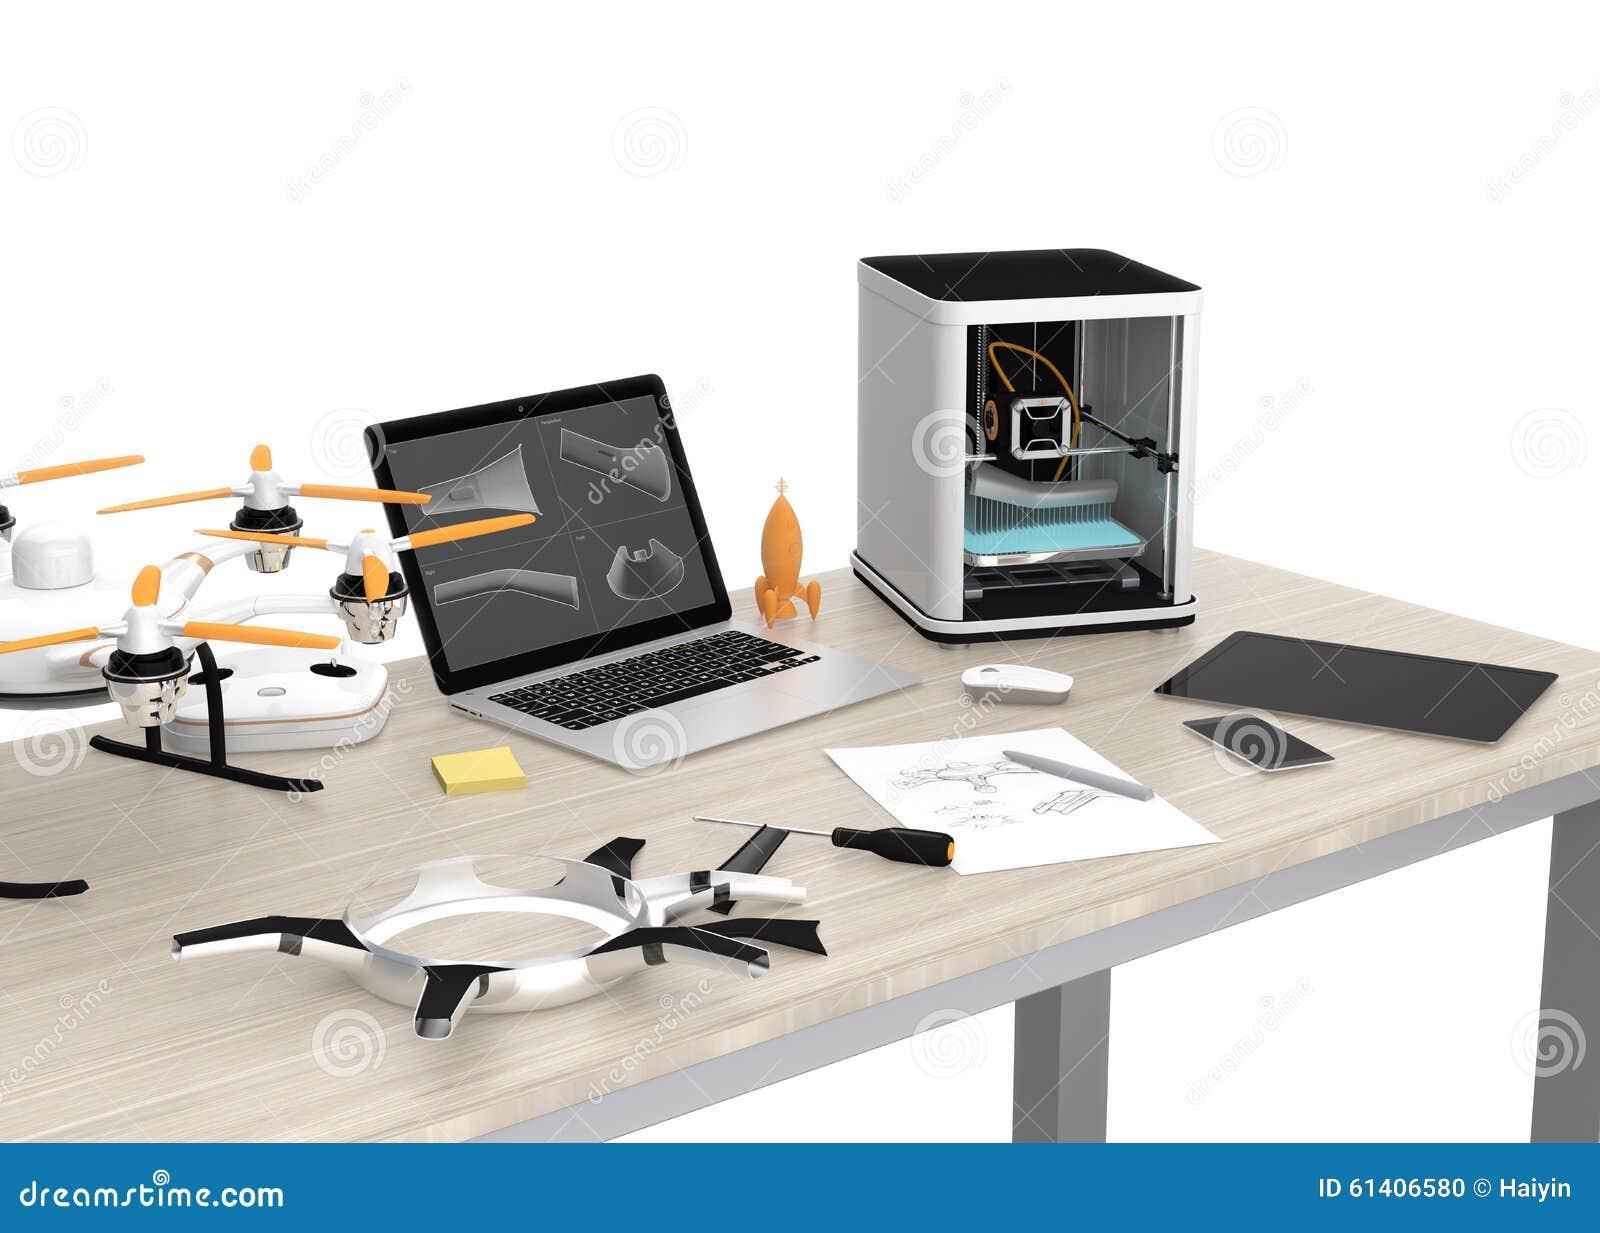 imprimante 3d ordinateur portable tablette et bourdon. Black Bedroom Furniture Sets. Home Design Ideas